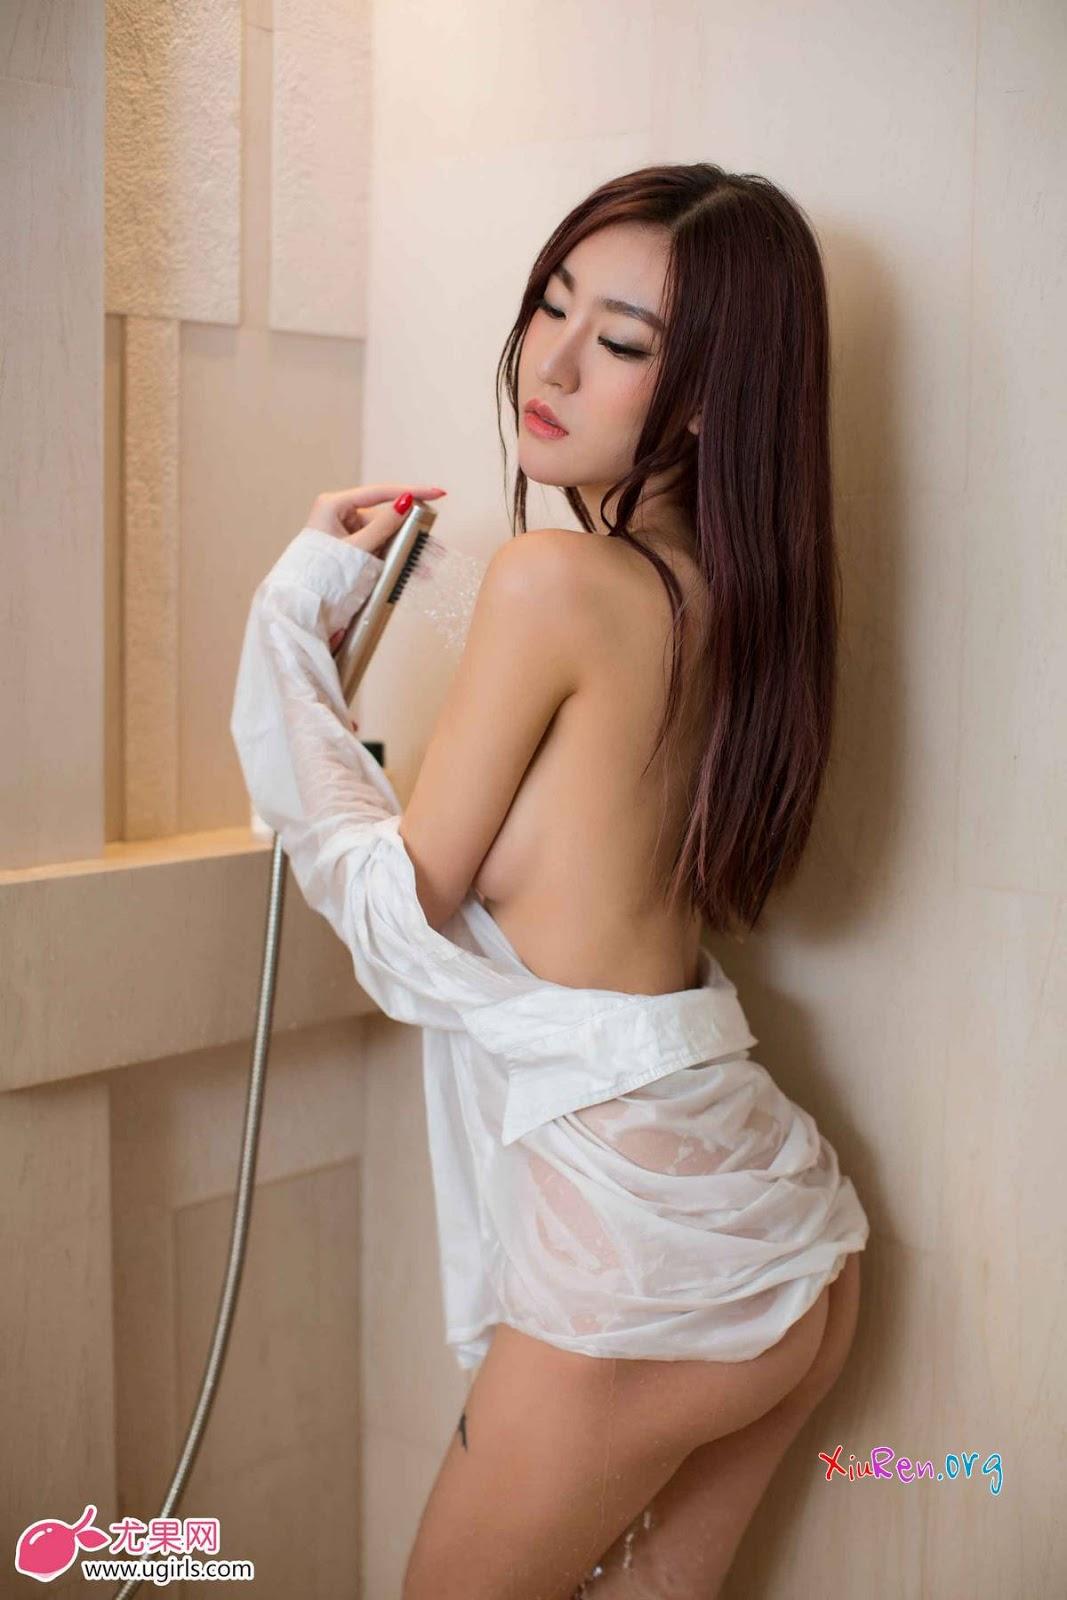 Ảnh gái đẹp HD mình dây ngực khủng bố 8